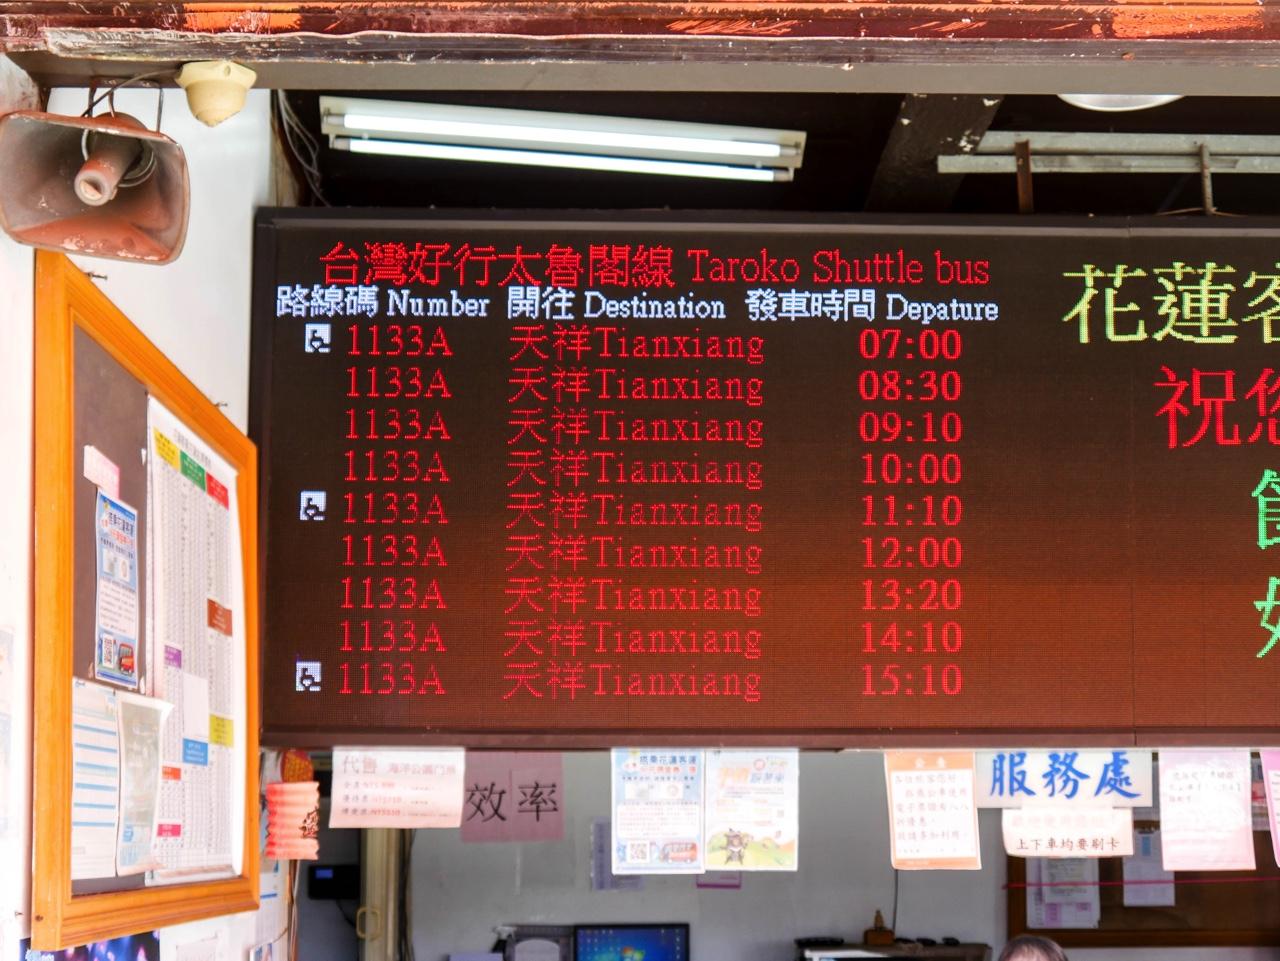 花蓮駅から太魯閣行くバスの時刻表